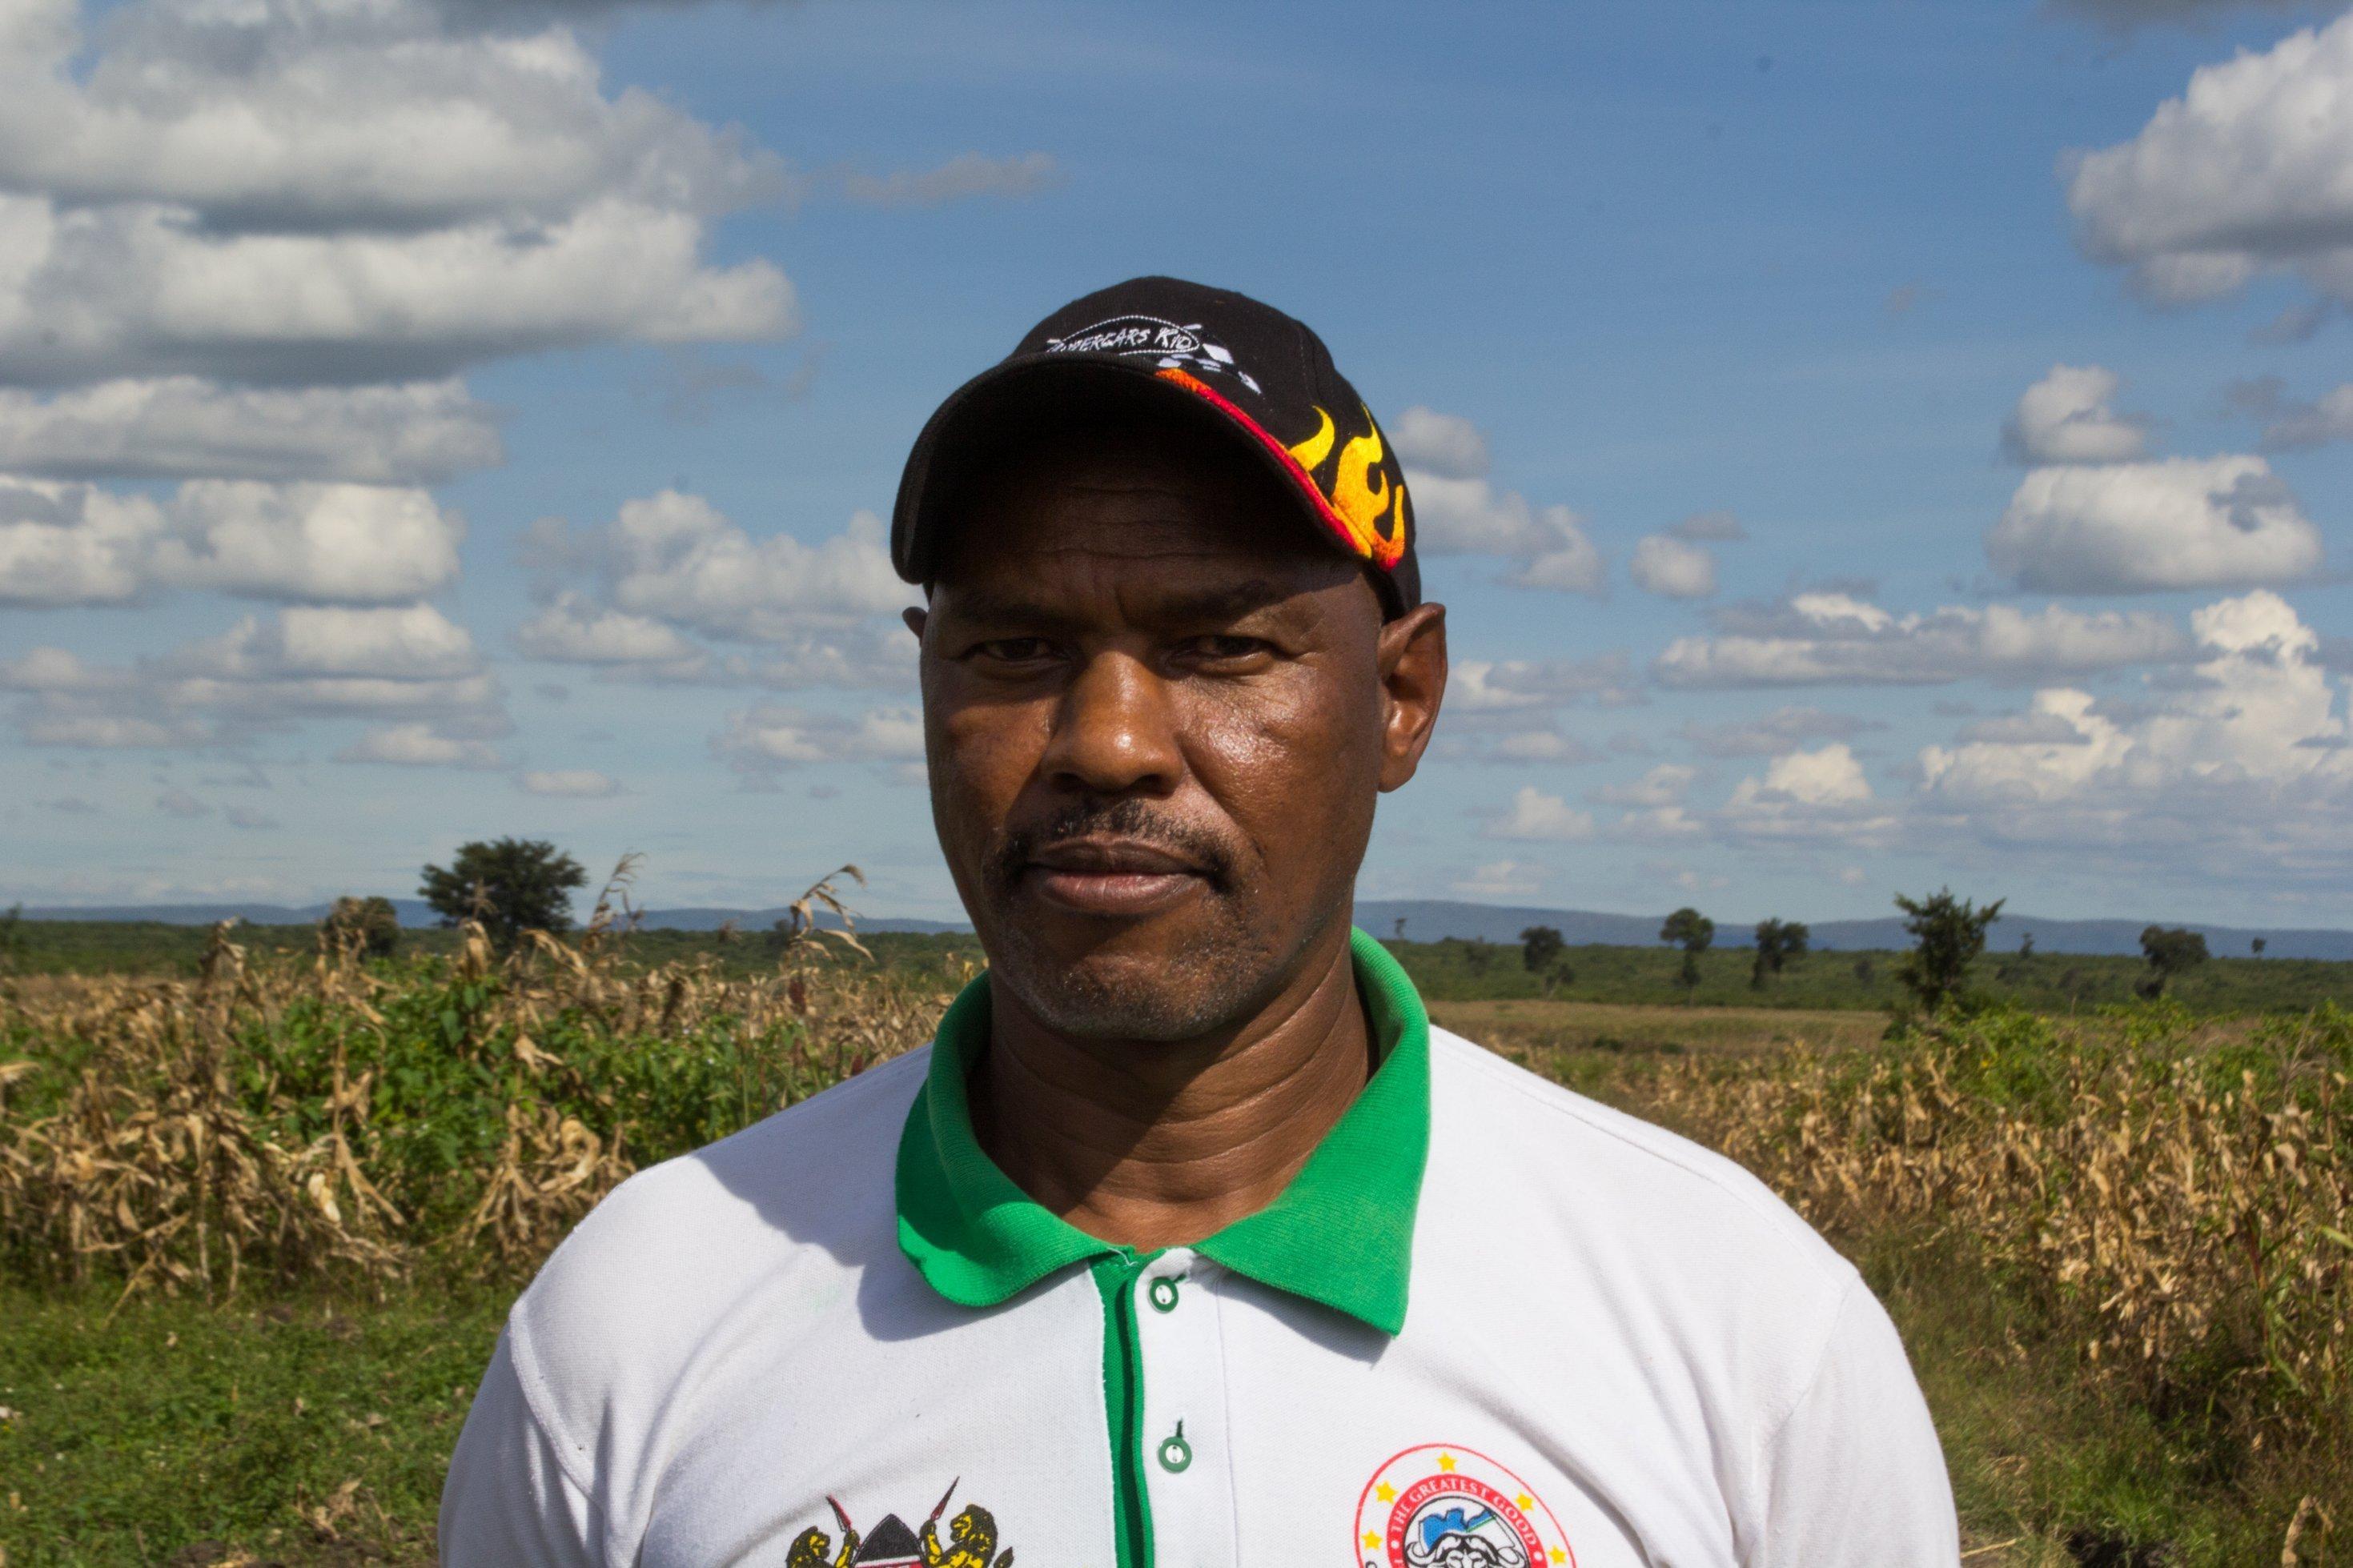 Cherus Korir trägt T-Shirt und Baseball-Kappe, er sieht jung und nicht sehr formell aus. Er steht auf einem Maisfeld, auf Land, das eigentlich zum Mau-Wald gehört.